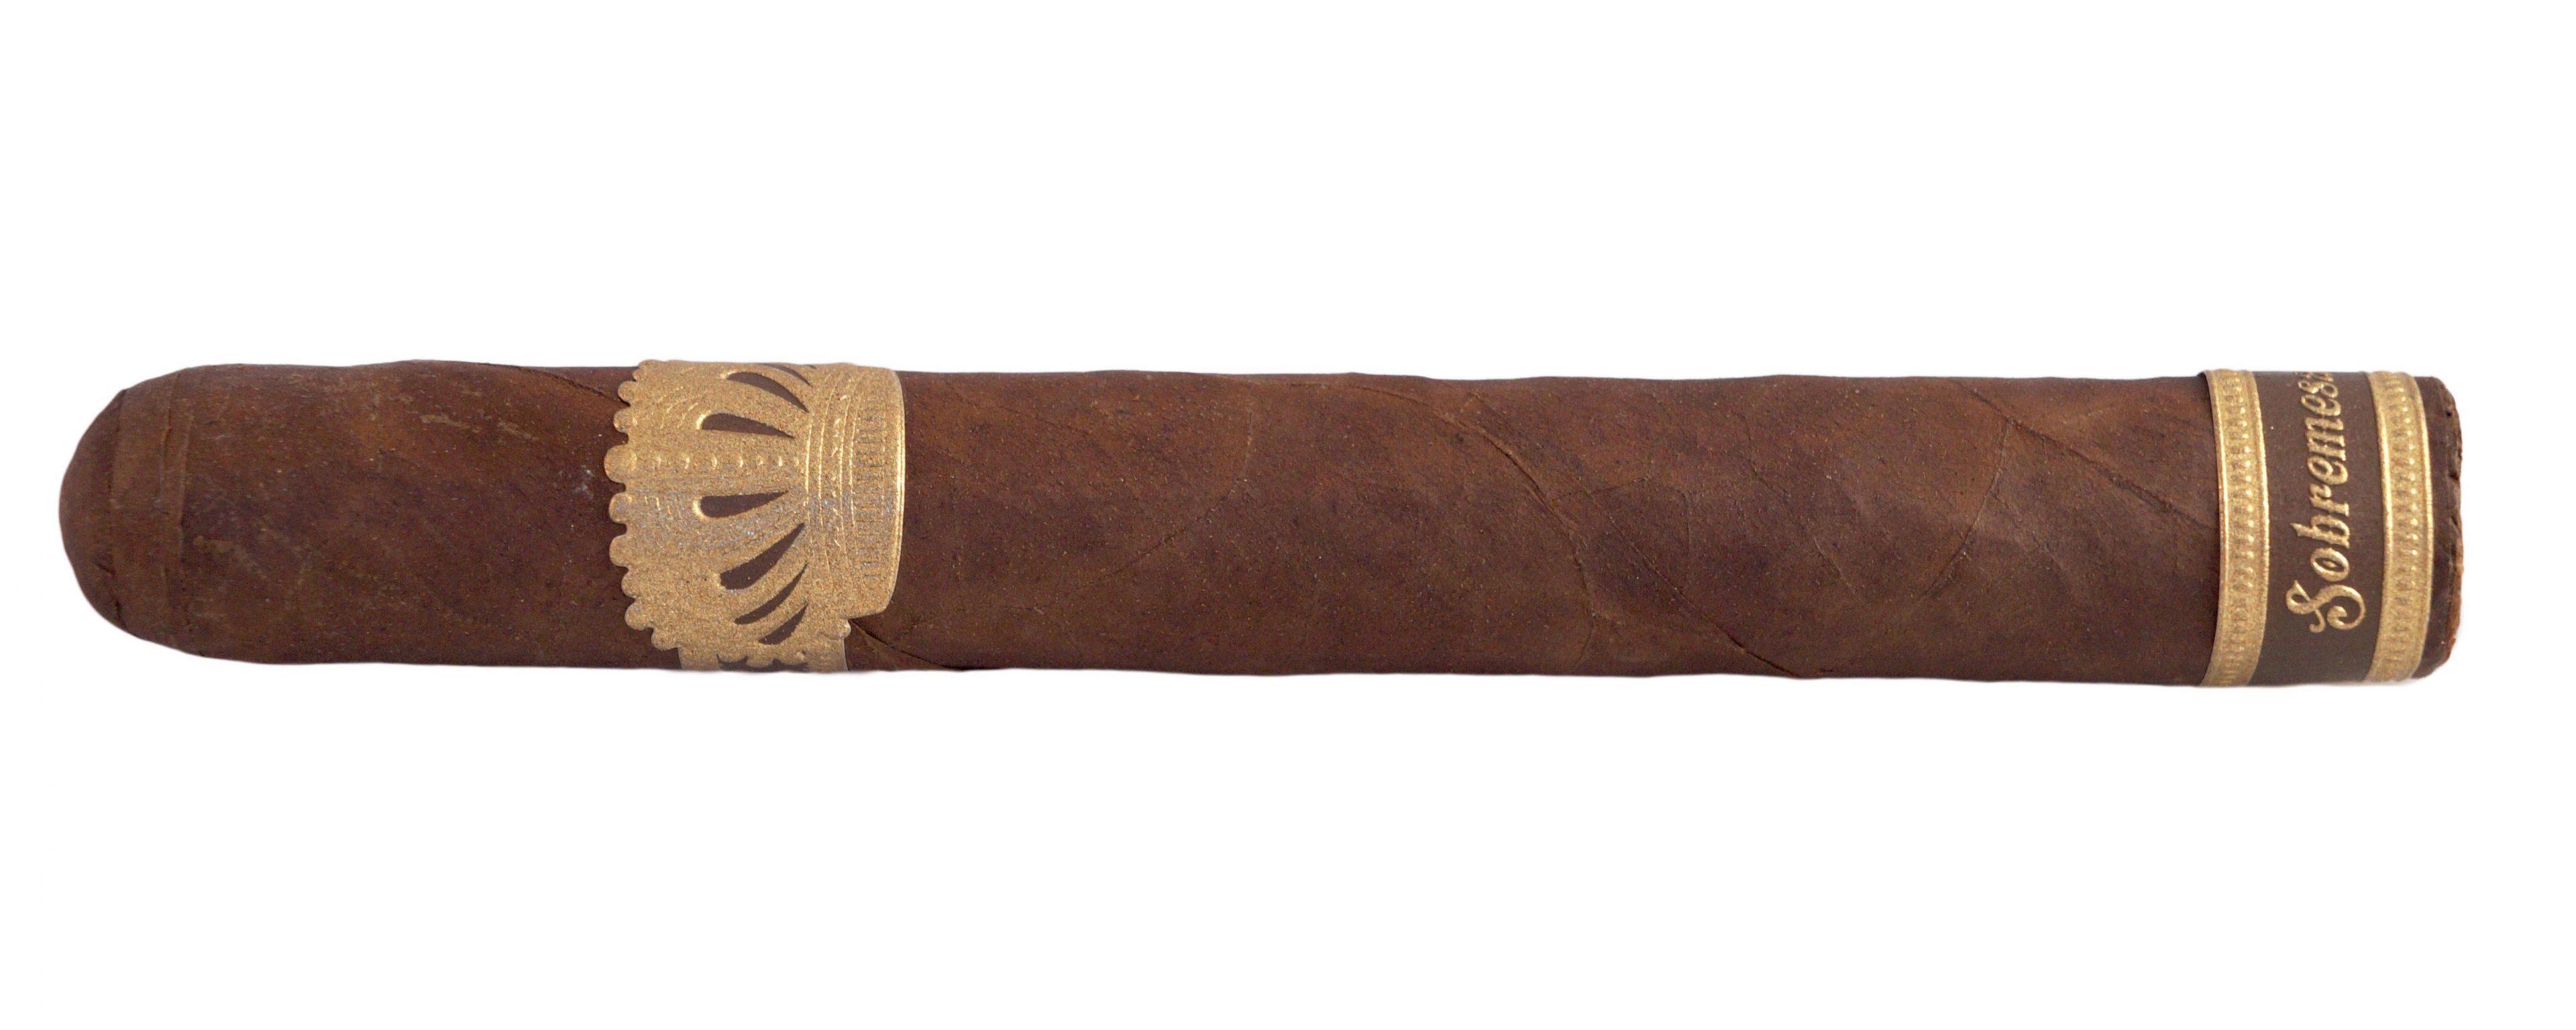 Quick Cigar Review: Dunbarton Tobacco & Trust | Sobremesa Corona Grande